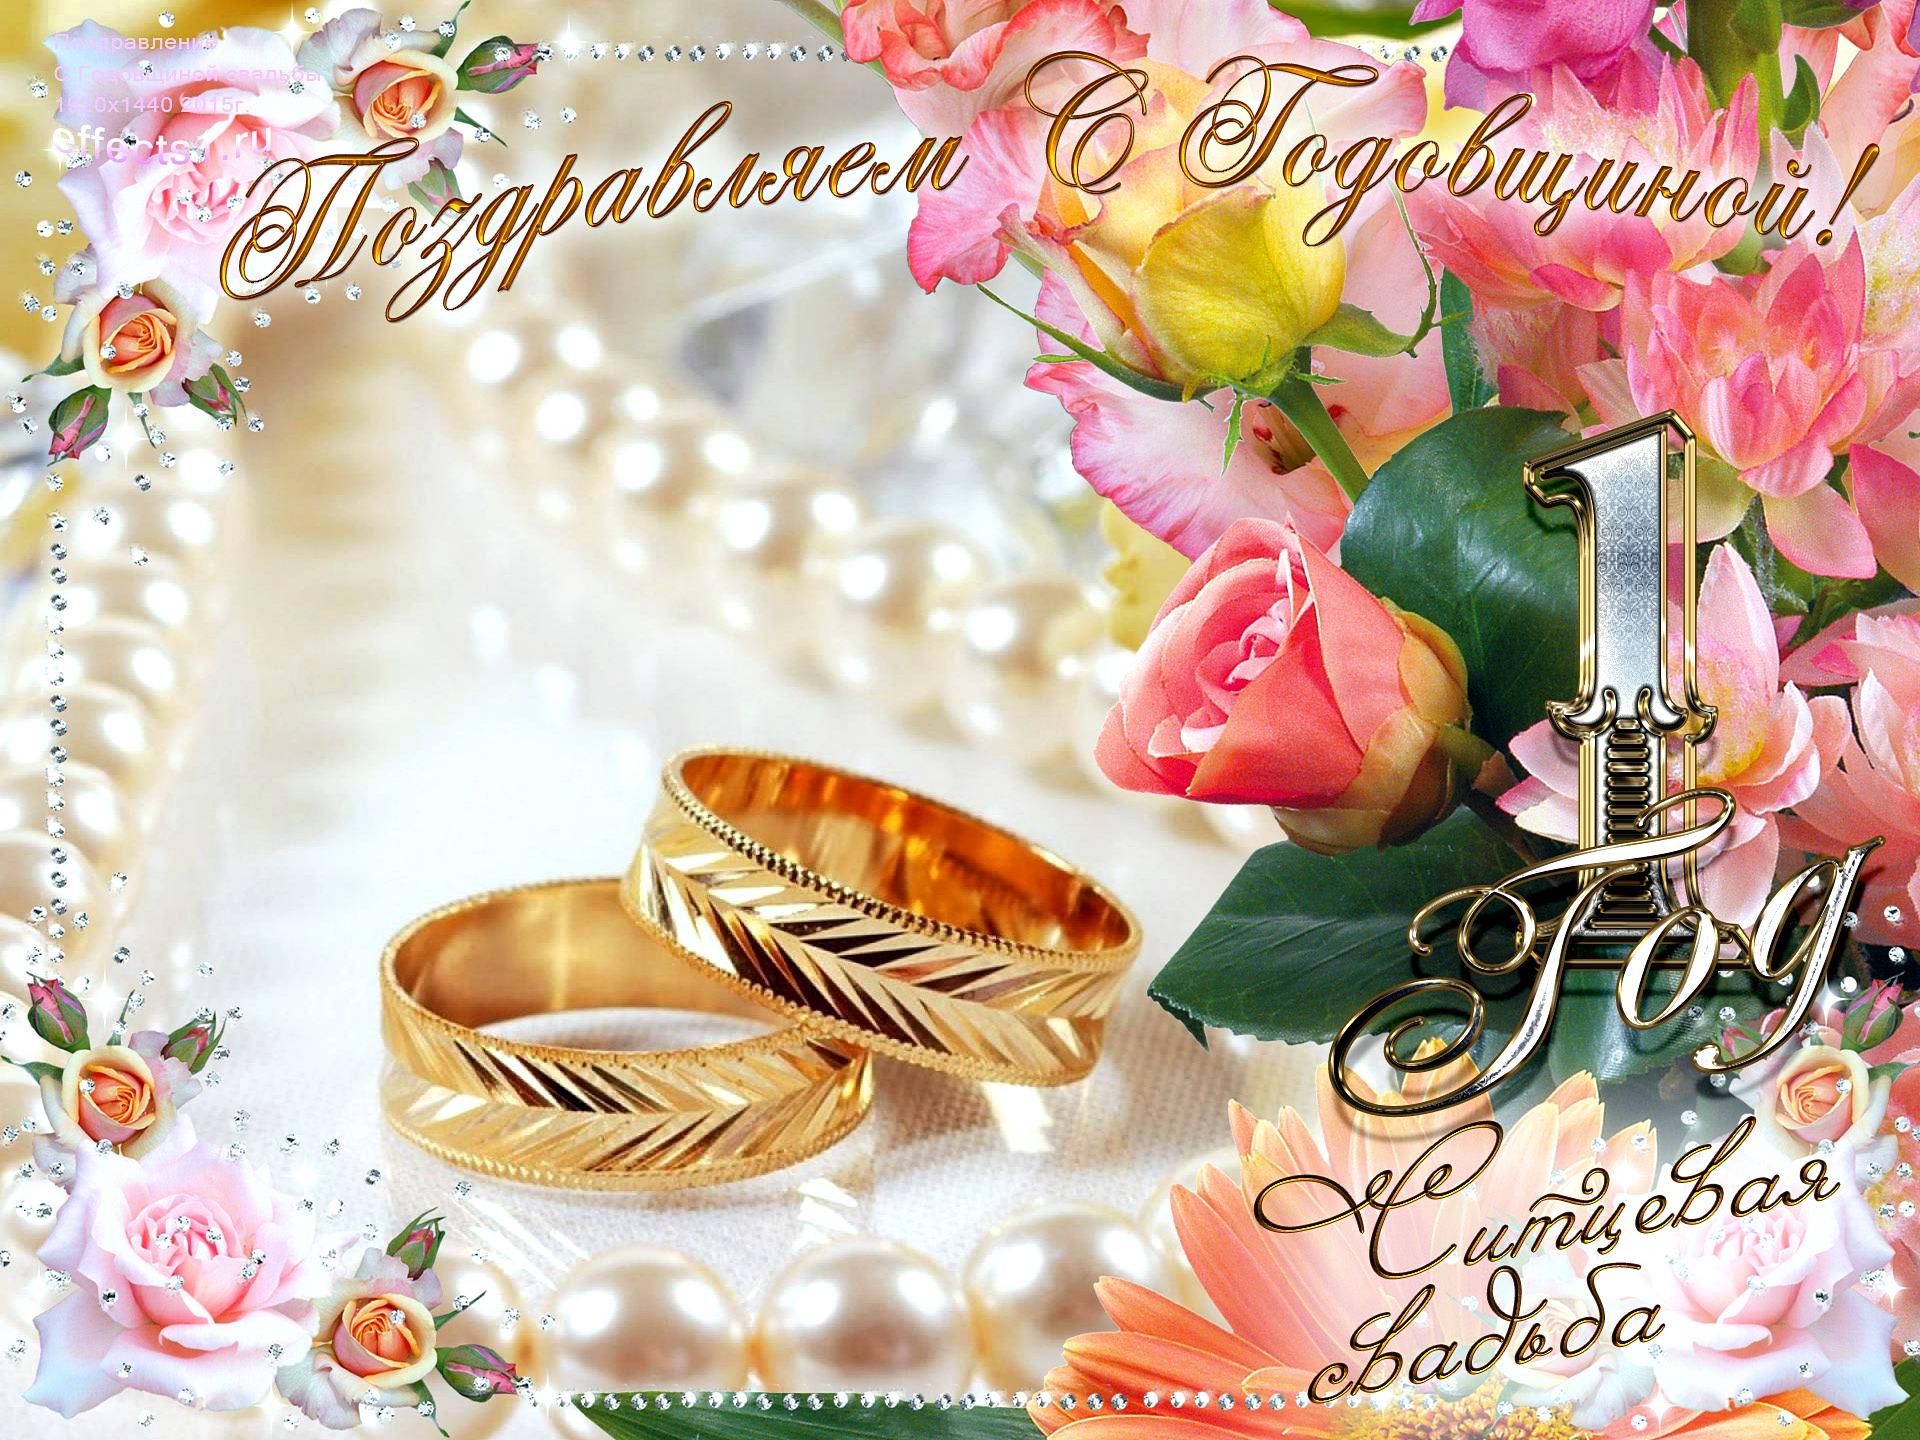 Картинки и открытки ко годовщине свадьбы